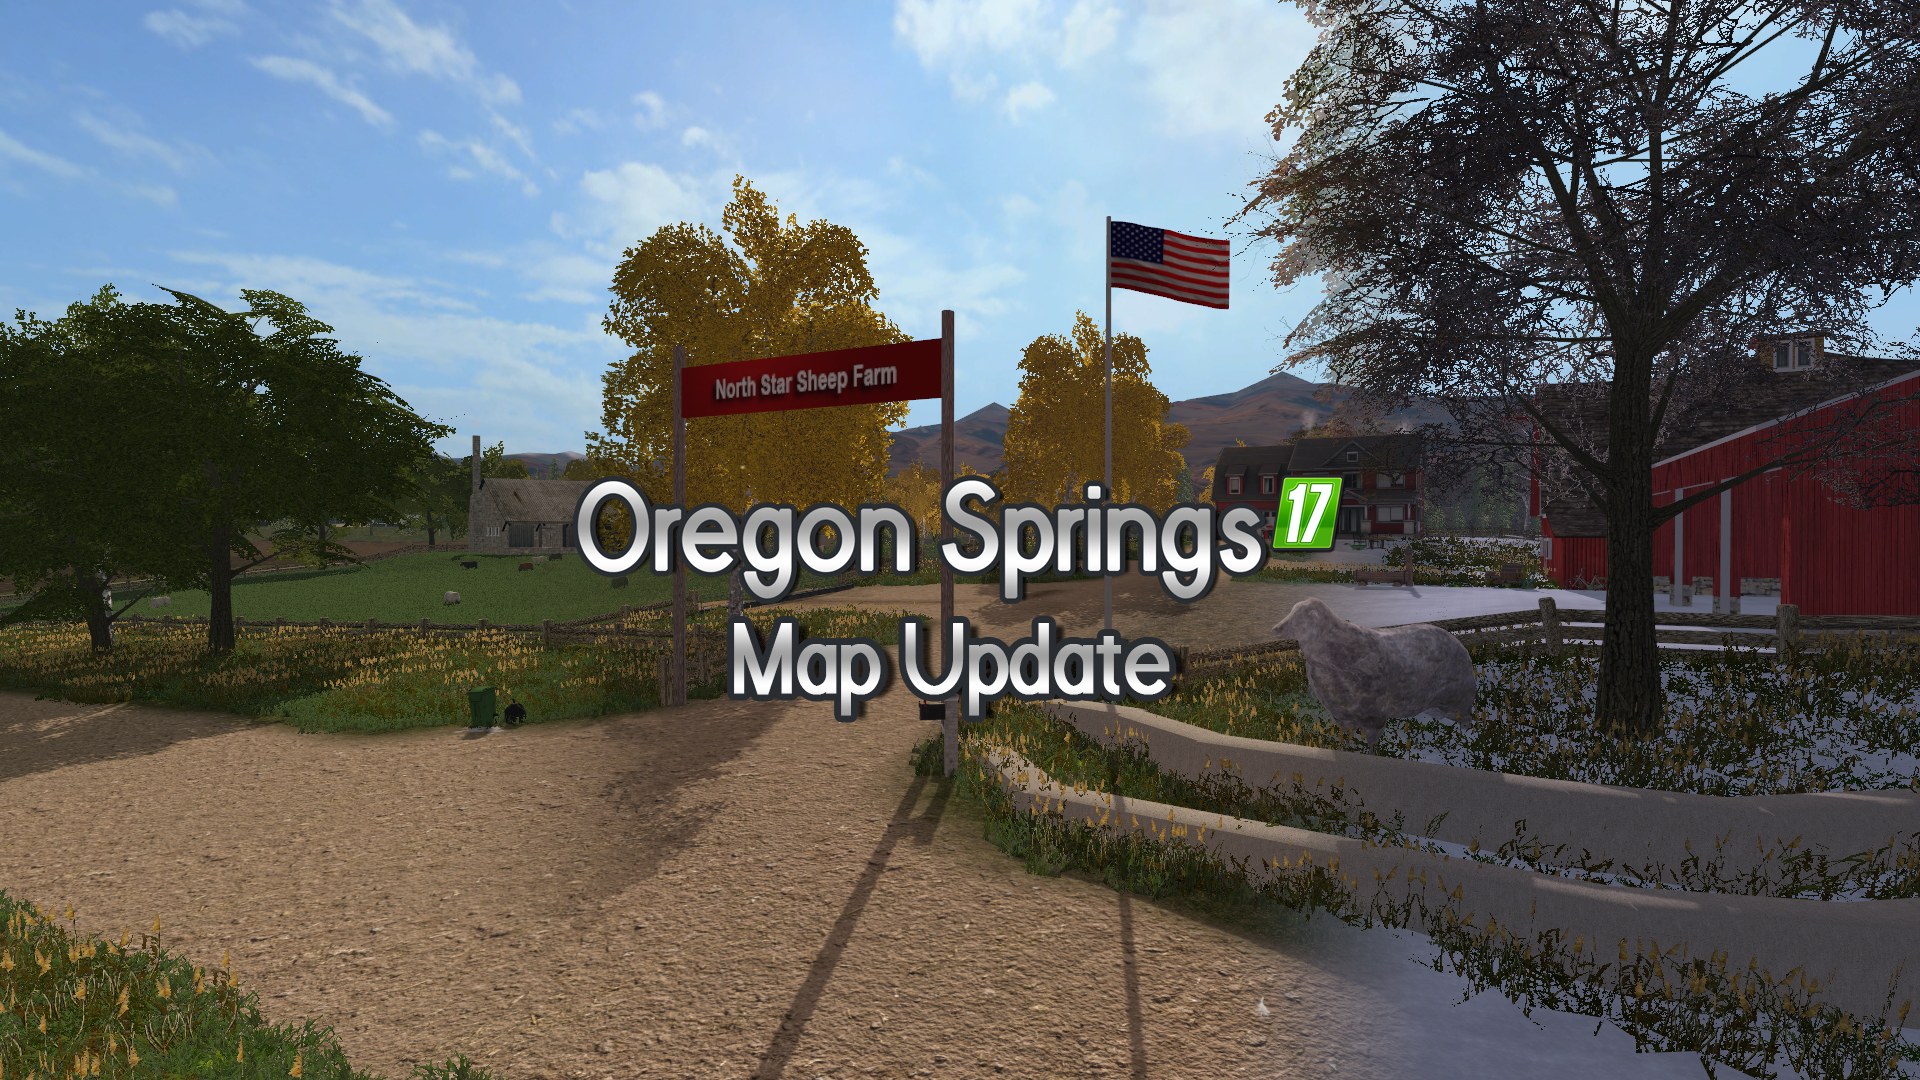 Oregon Springs Map Update